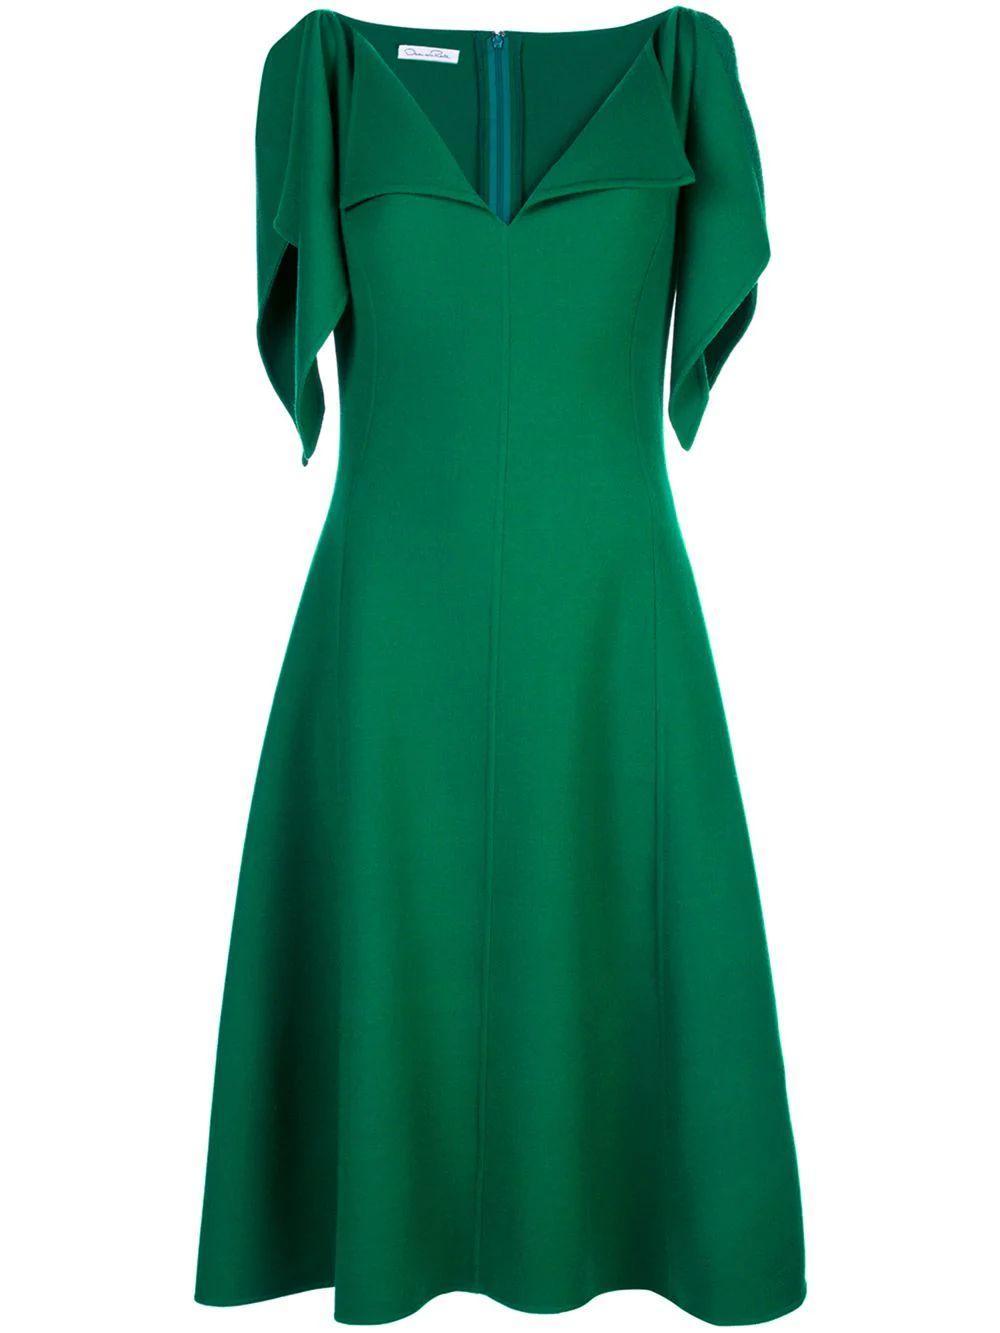 Shoulder Tie Dress W/Open Neck Item # 19PN257SWA